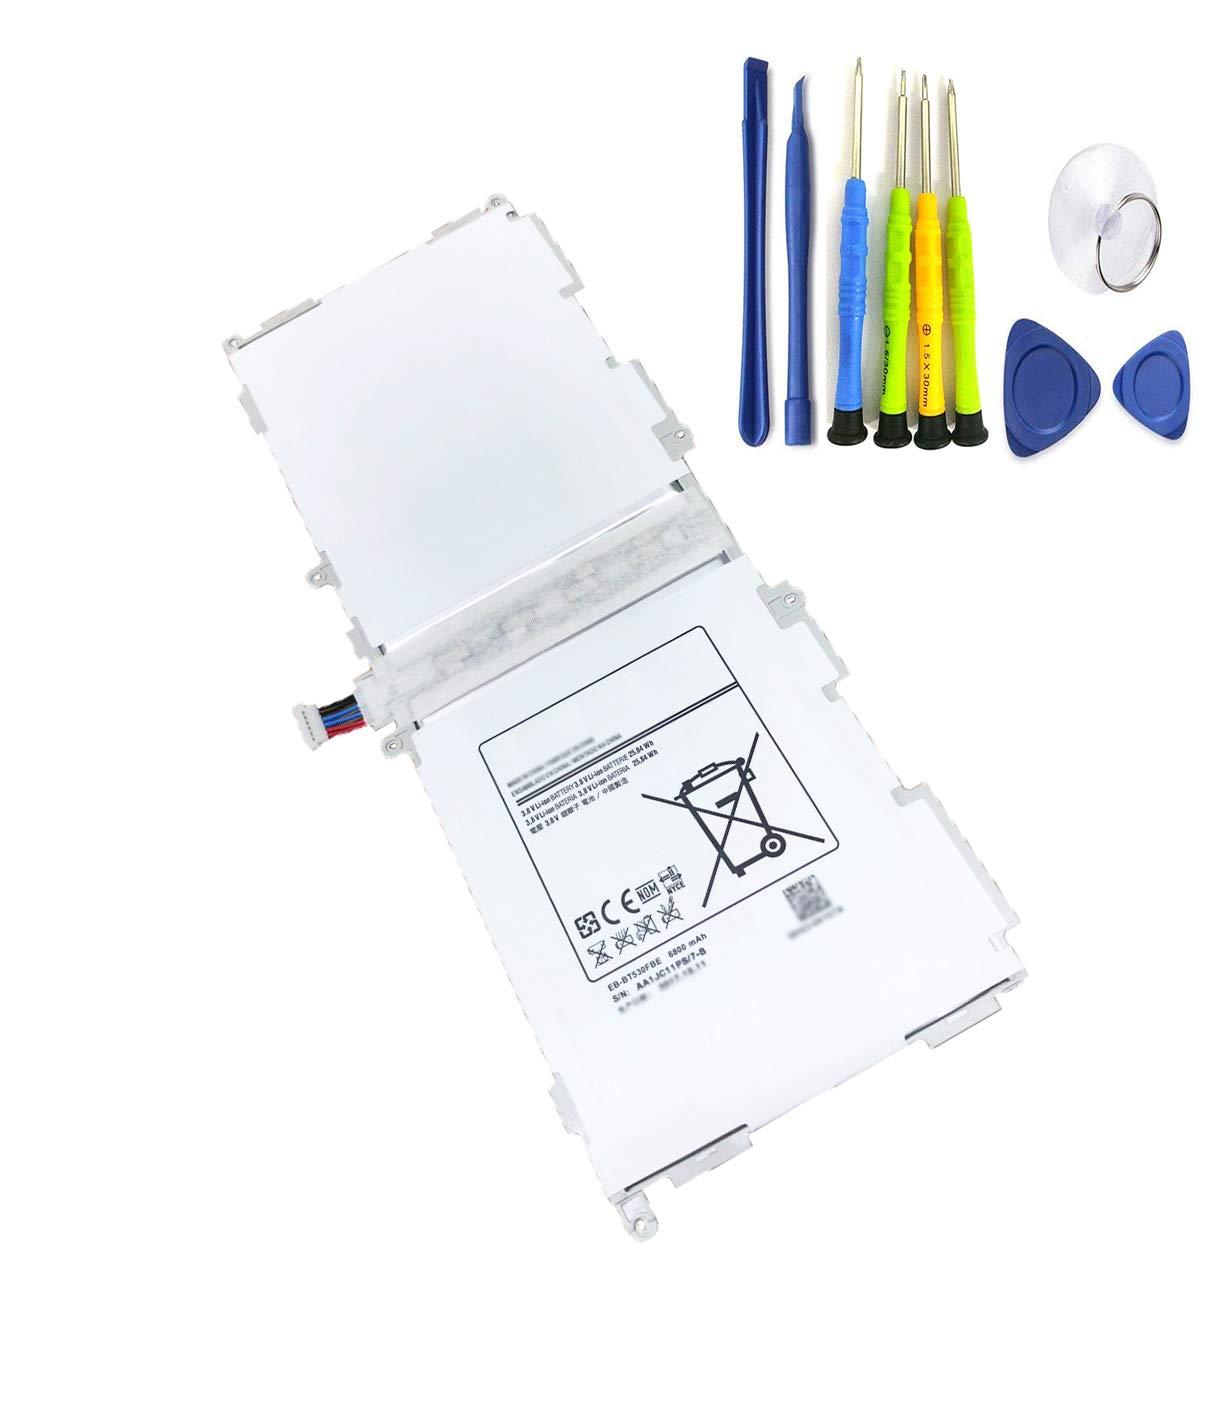 Bateria Dentsing para Samsung EB-BT530FBC 3.8V 25.84Wh/6800mAh Galaxy Tab 4 10.1 Tab 4 10.1 Tablet SM-T530 SM-T531 SM-T5